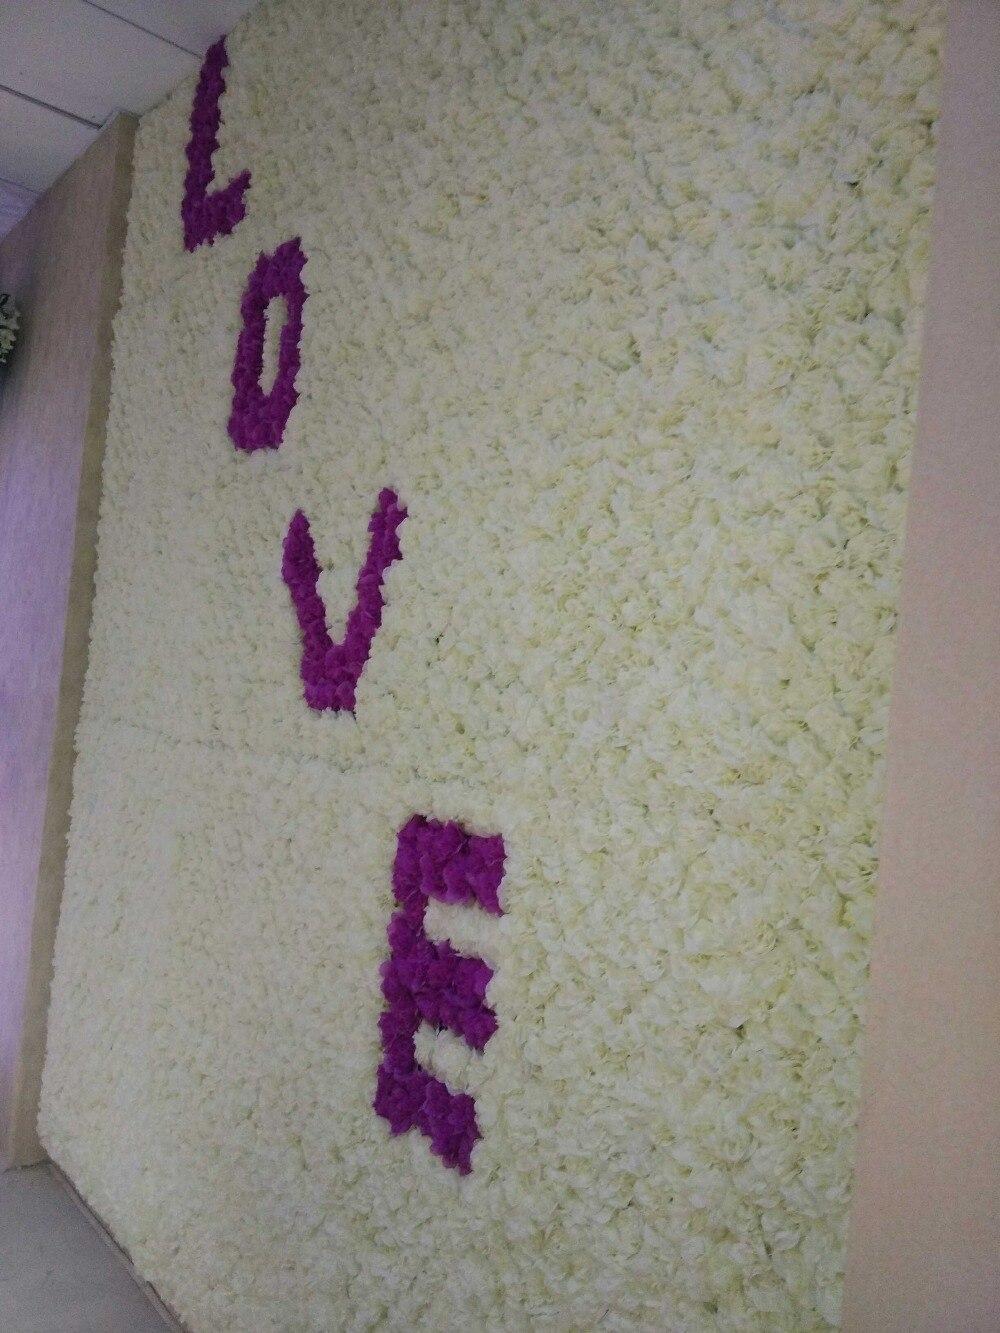 இ10 unids/lote seda artificial Rosa flor pared de la boda de fondo ...